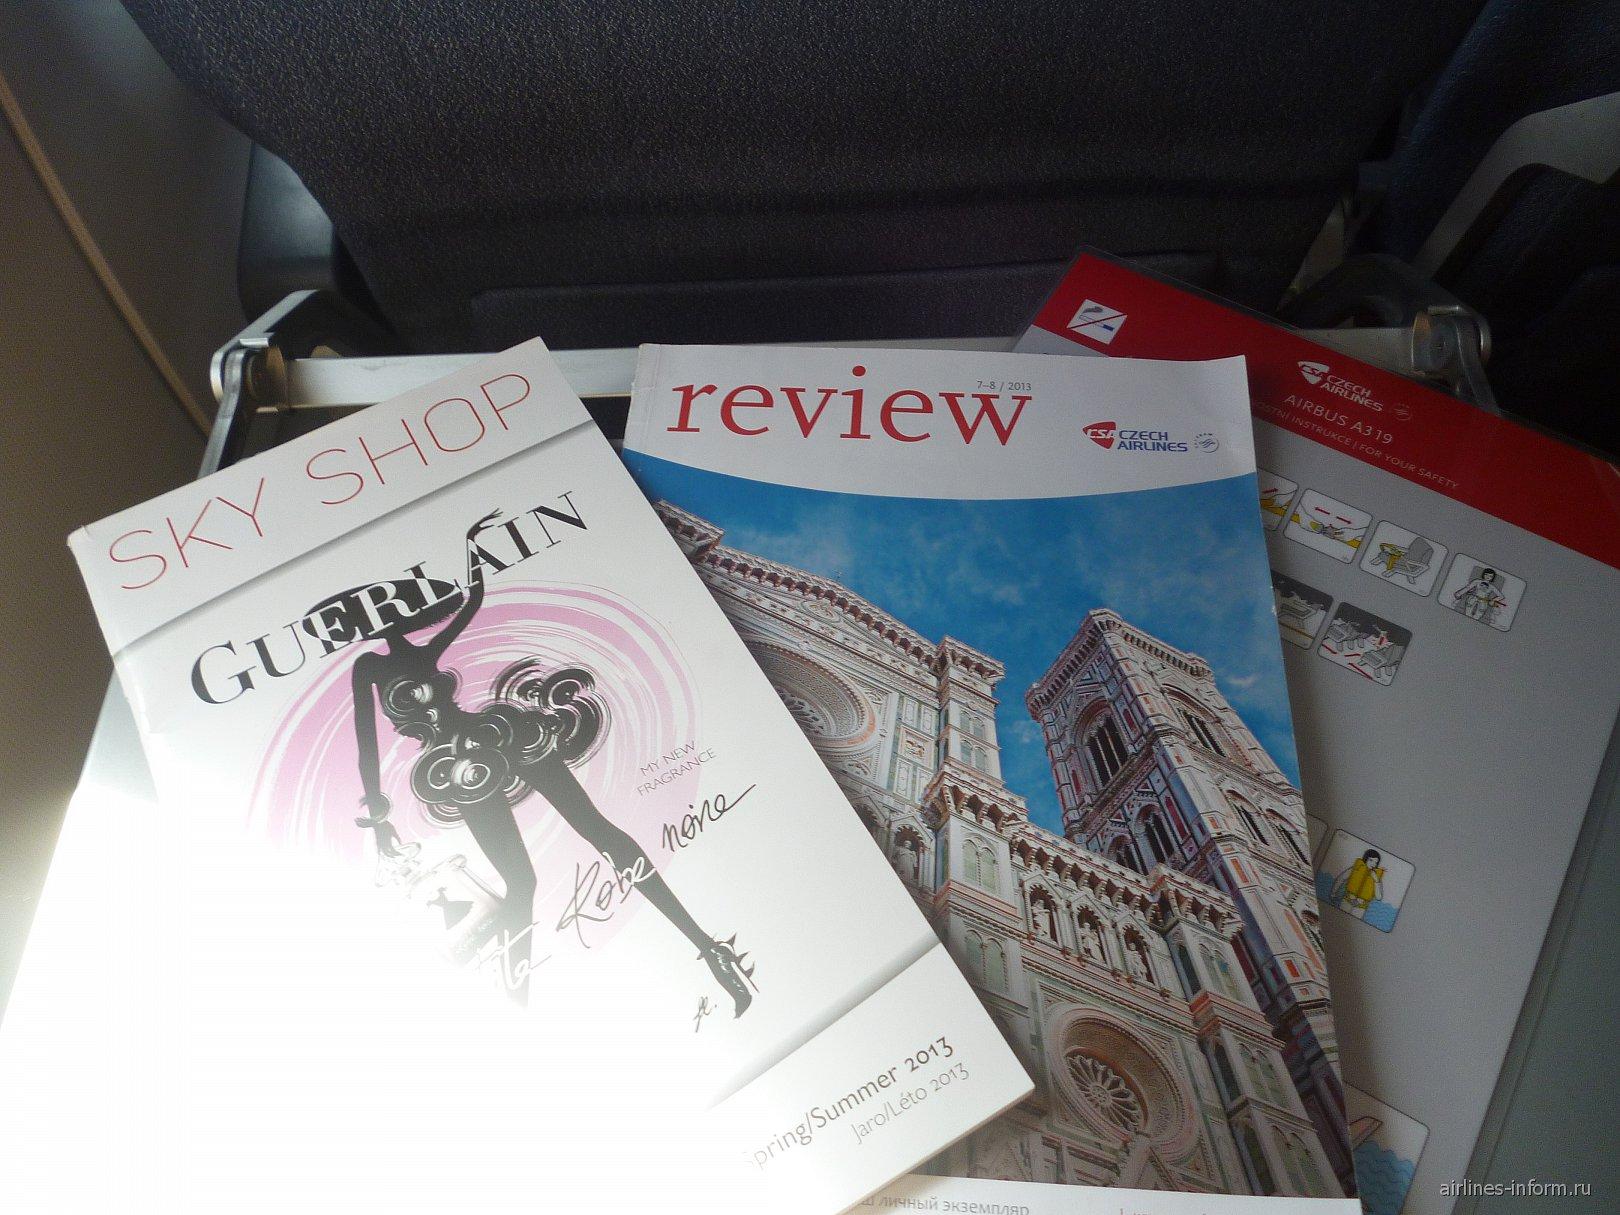 Журналы для пассажиров Чешских авиалиний